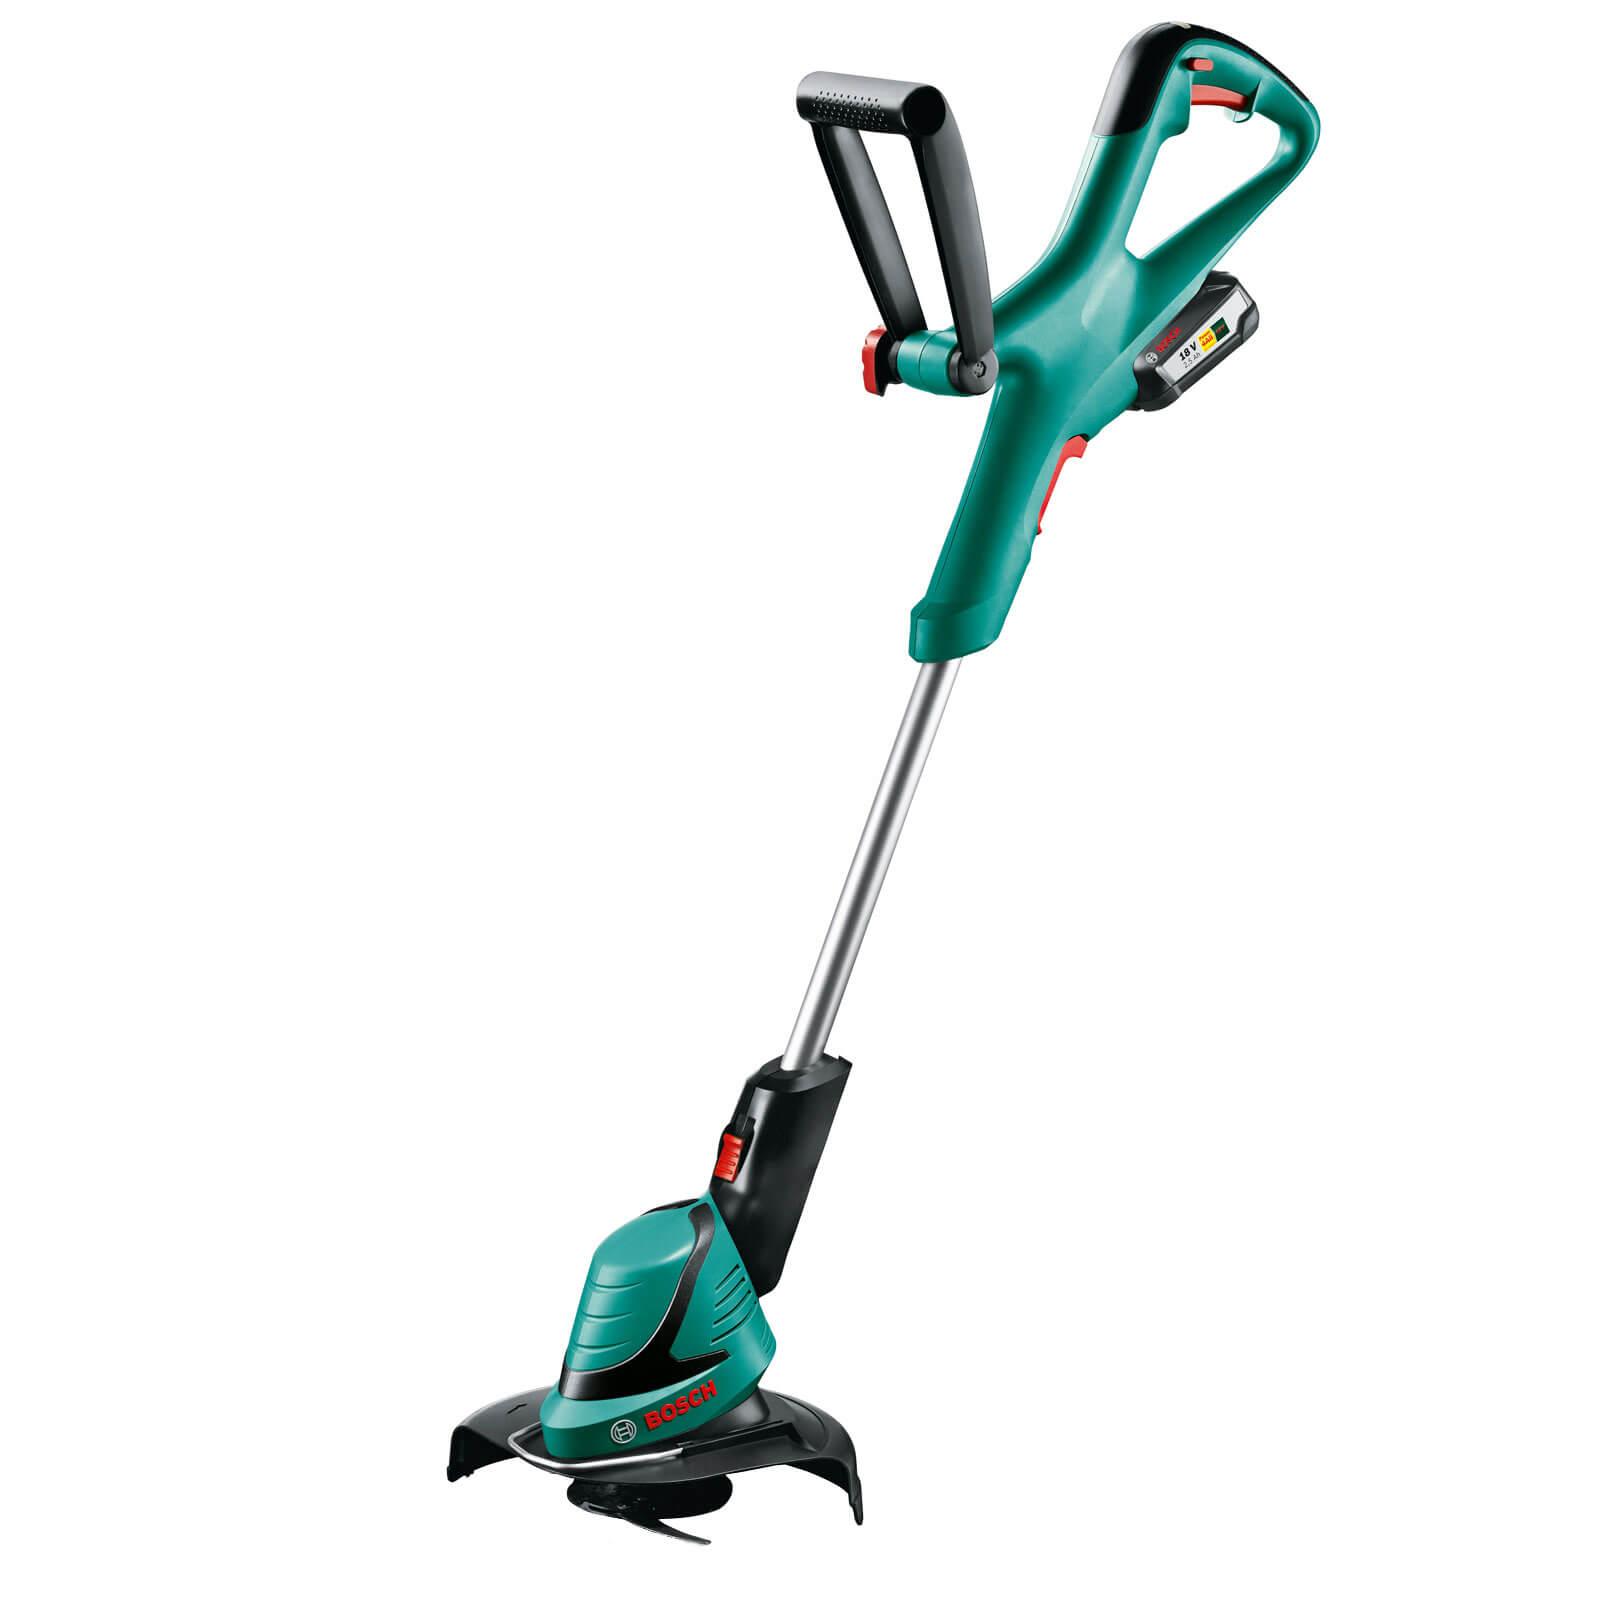 bosch ART 26-18 LI extendable grass strimmer brand new free charger NO battery